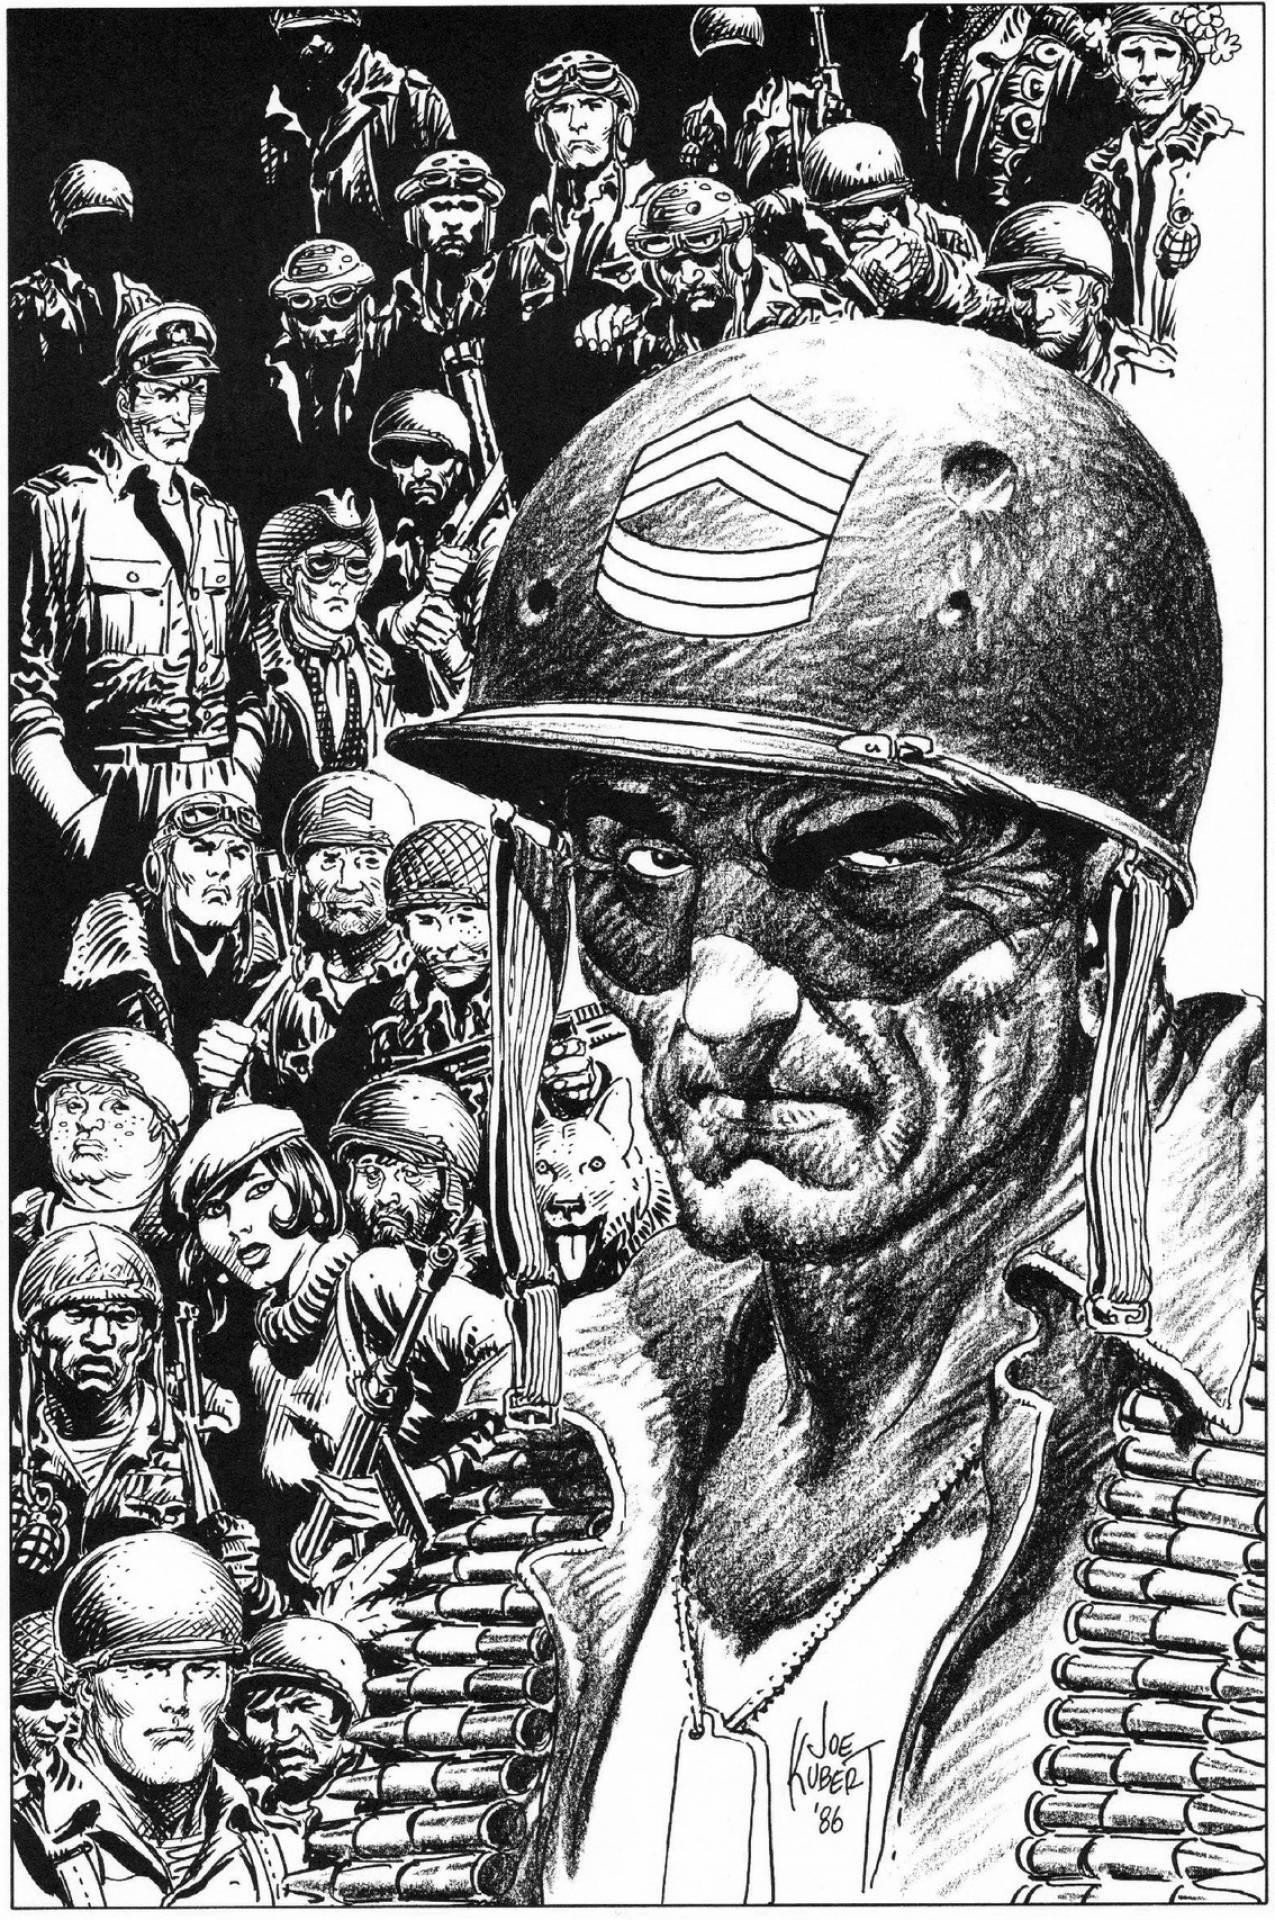 Sgt. Rock & Company by Joe Kubert